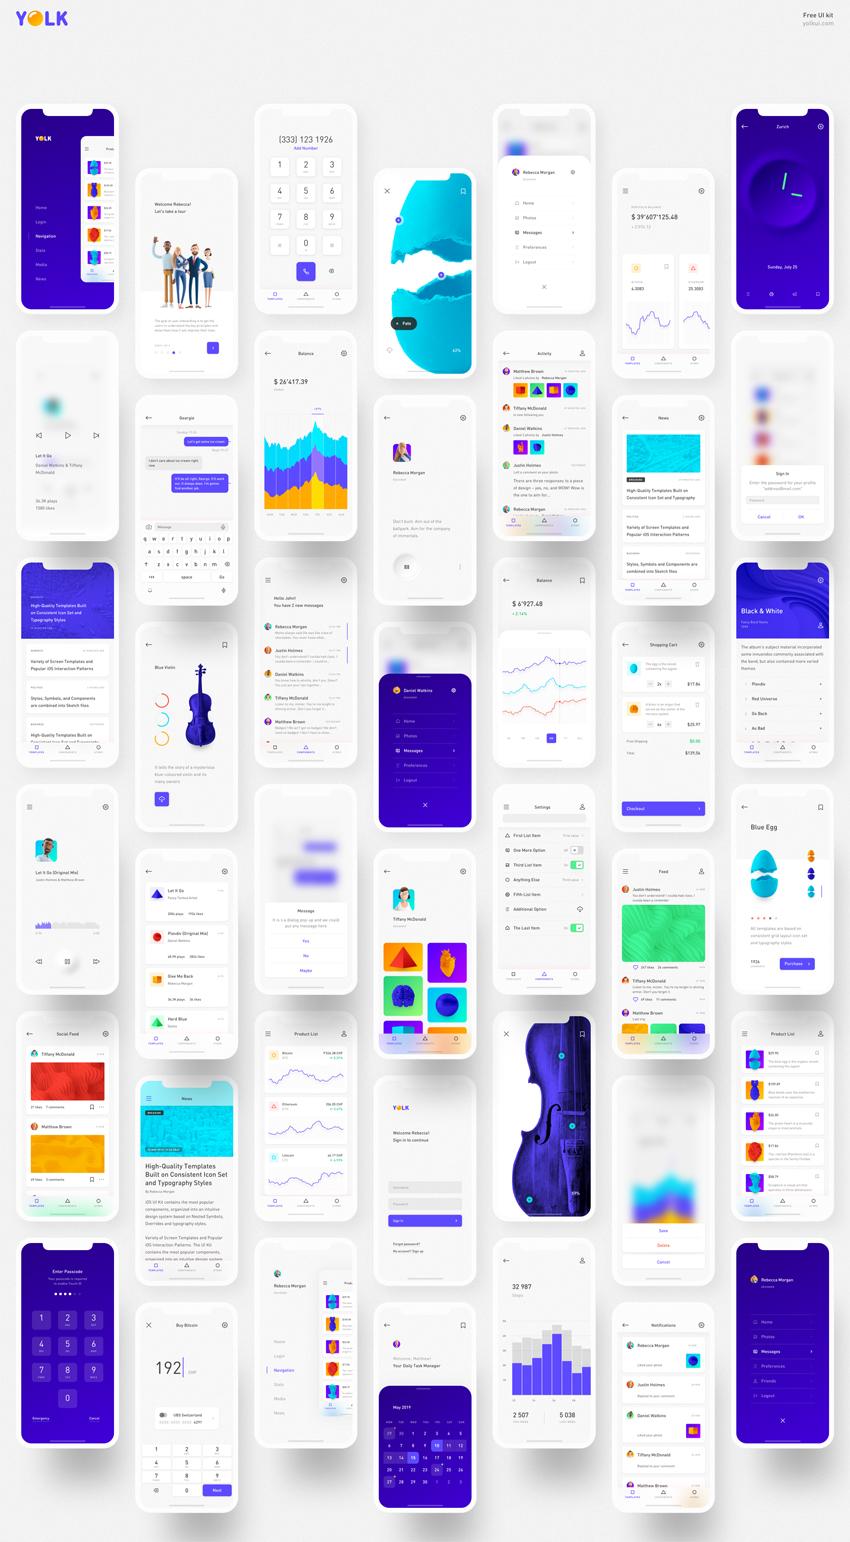 Yolk - Universal iOS UI Kit free download